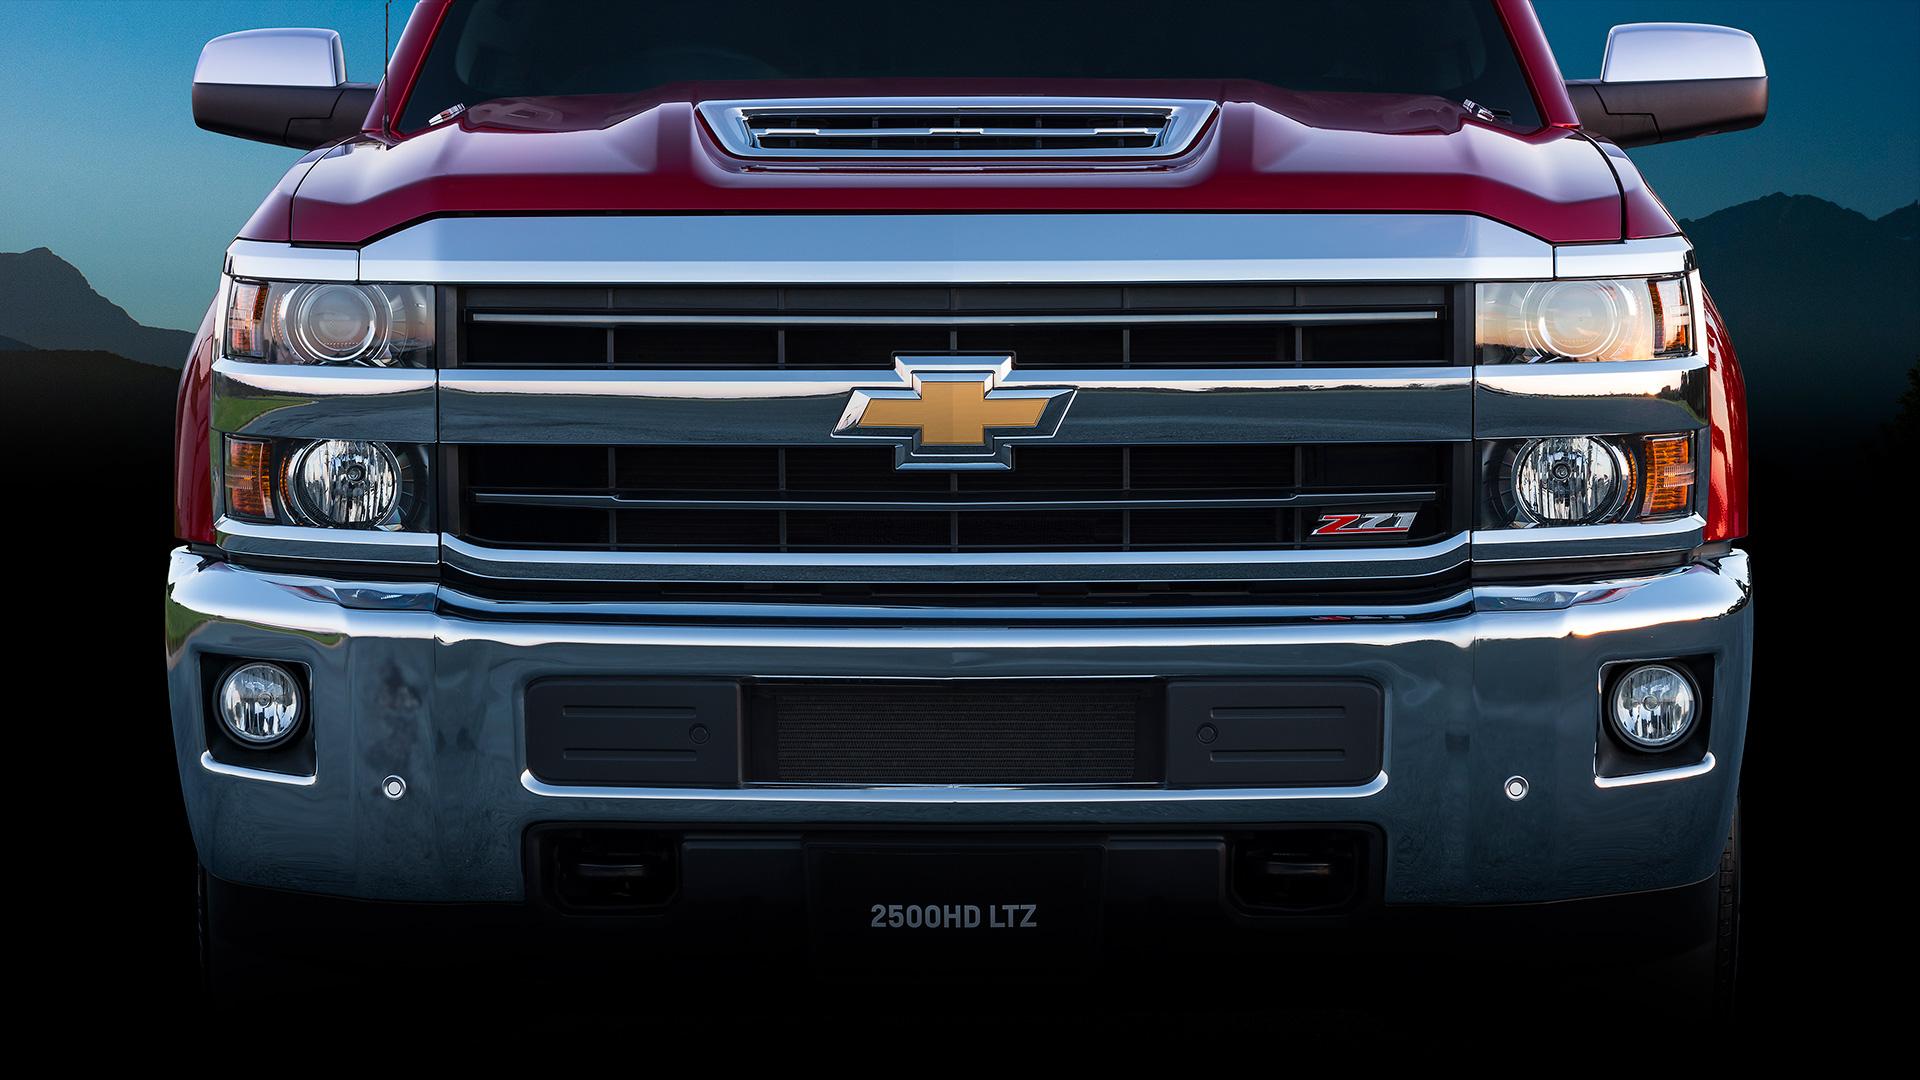 HSV / Chevrolet Silverado